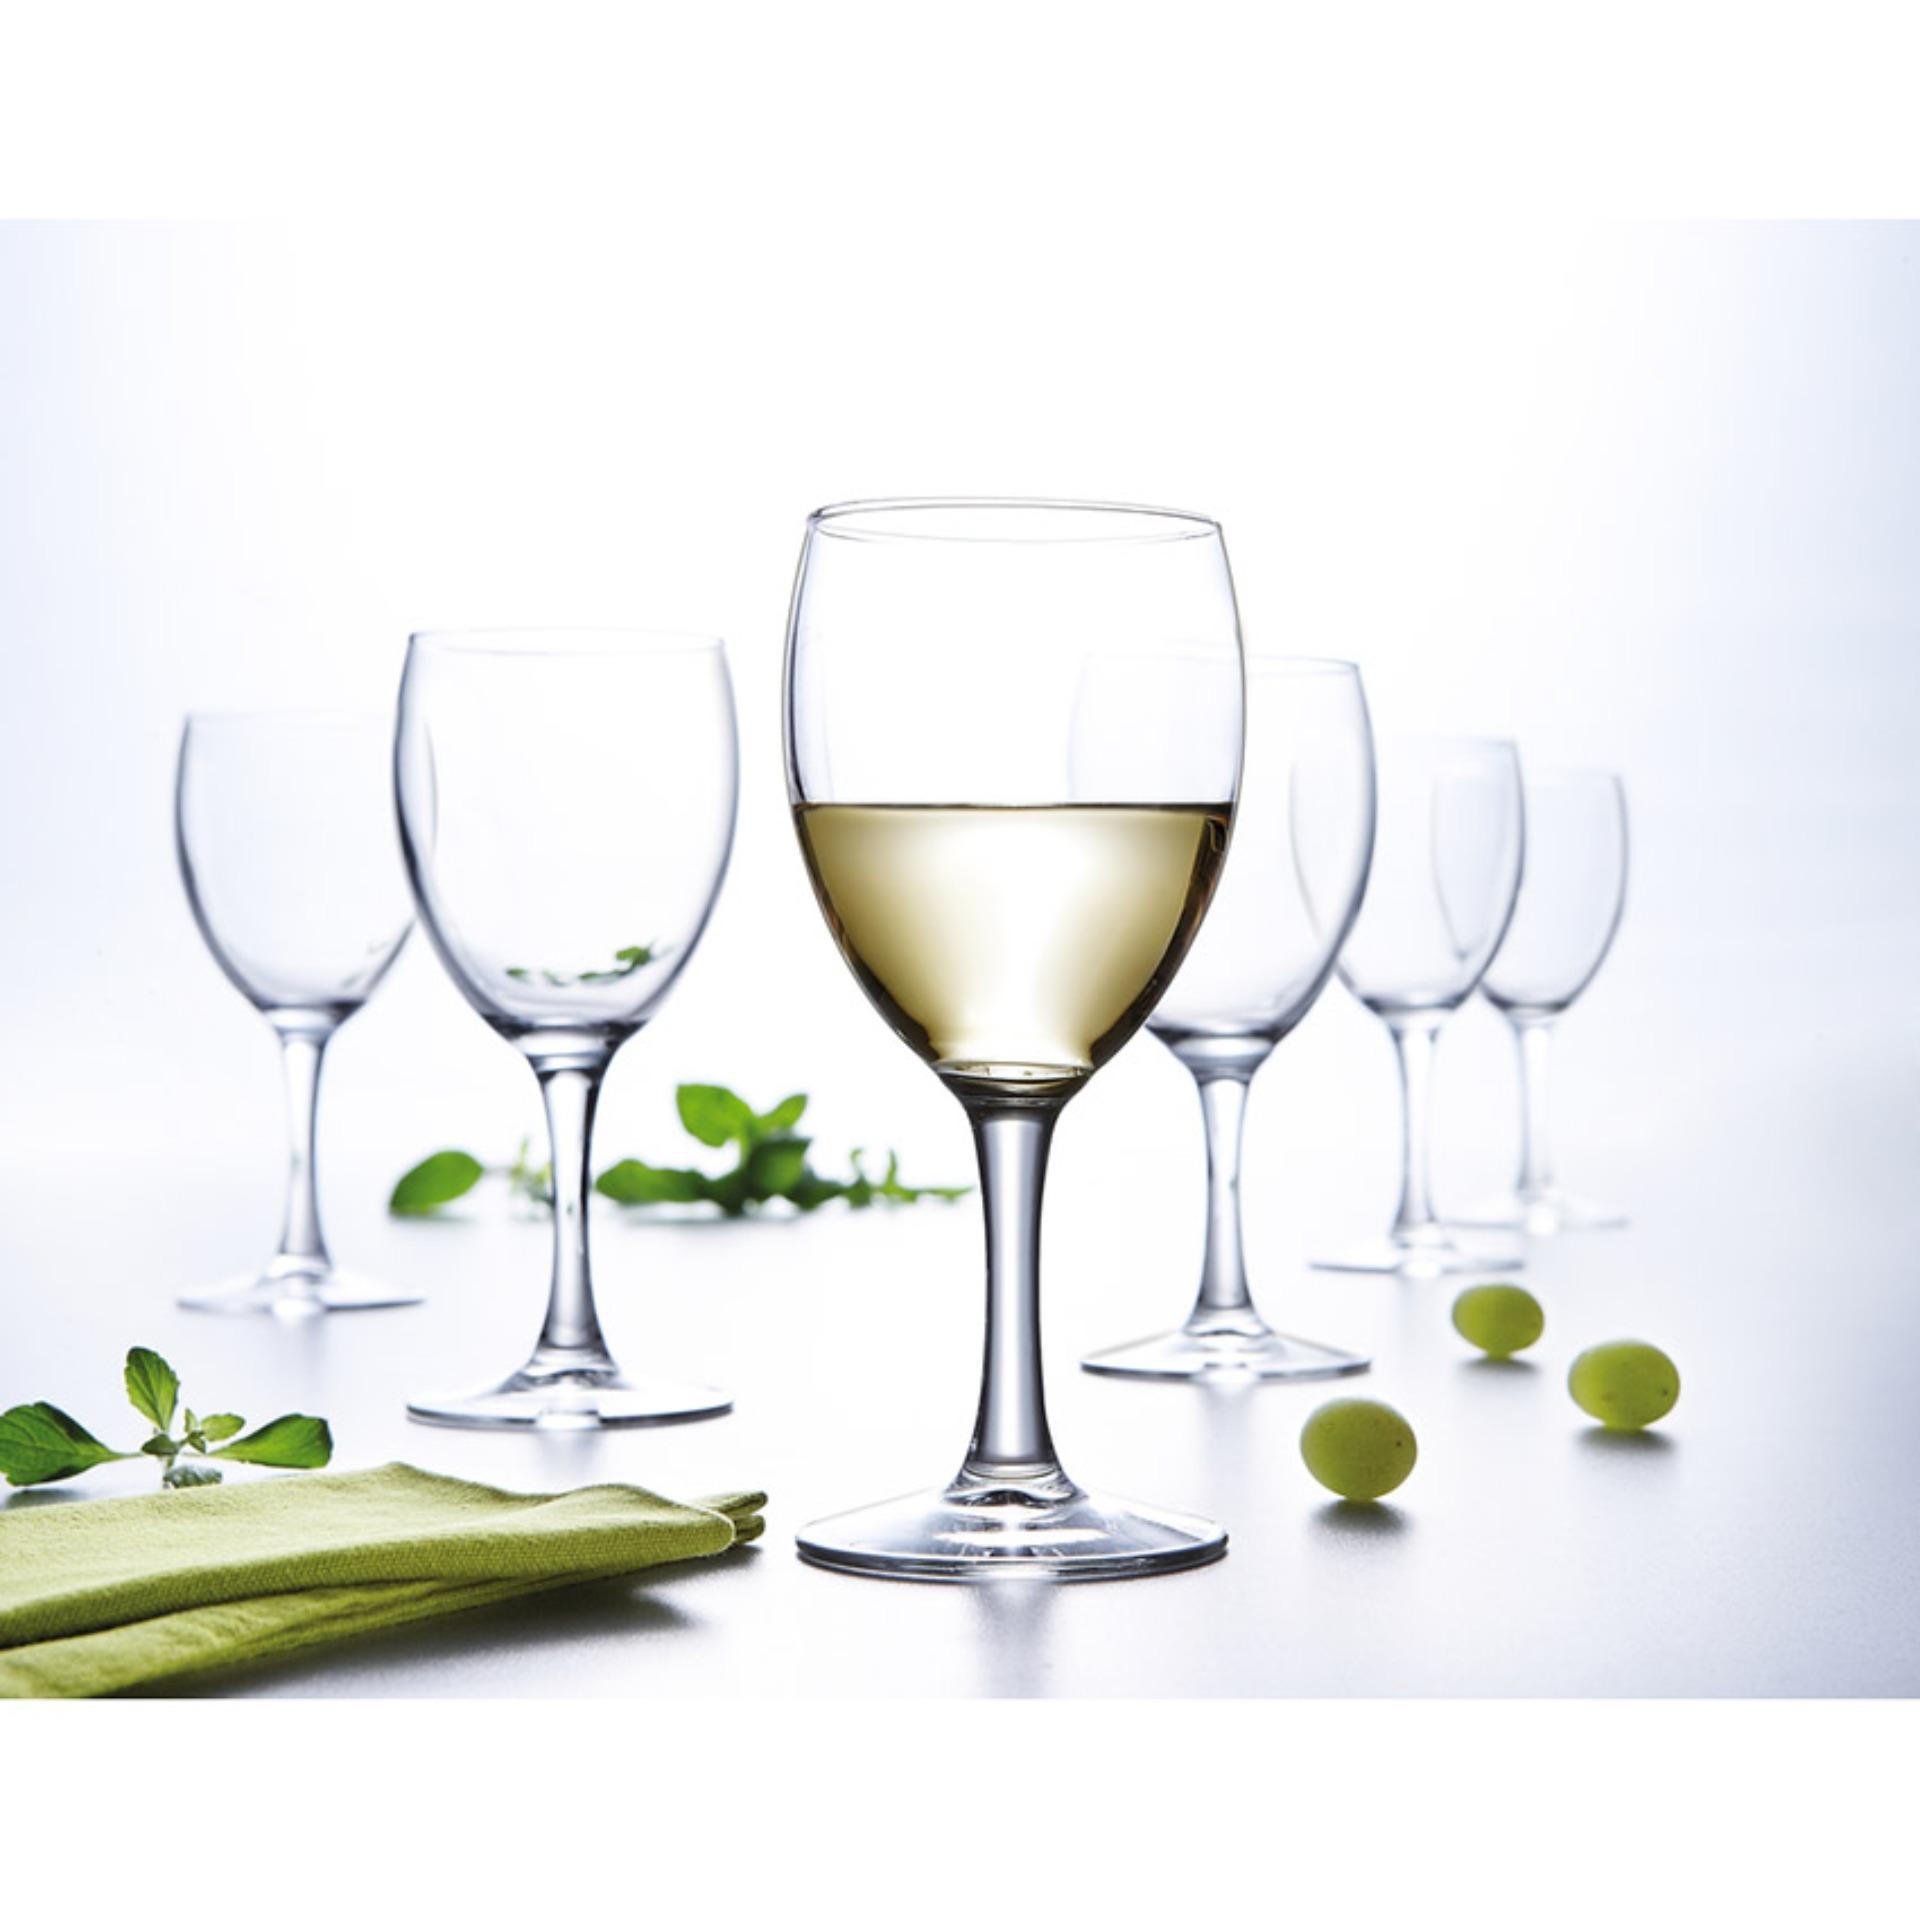 Giá Bán Bọ 6 Ly Rượu Vang Thủy Tinh Luminarc Elegance 140Ml 13729 Trong Suốt Nguyên